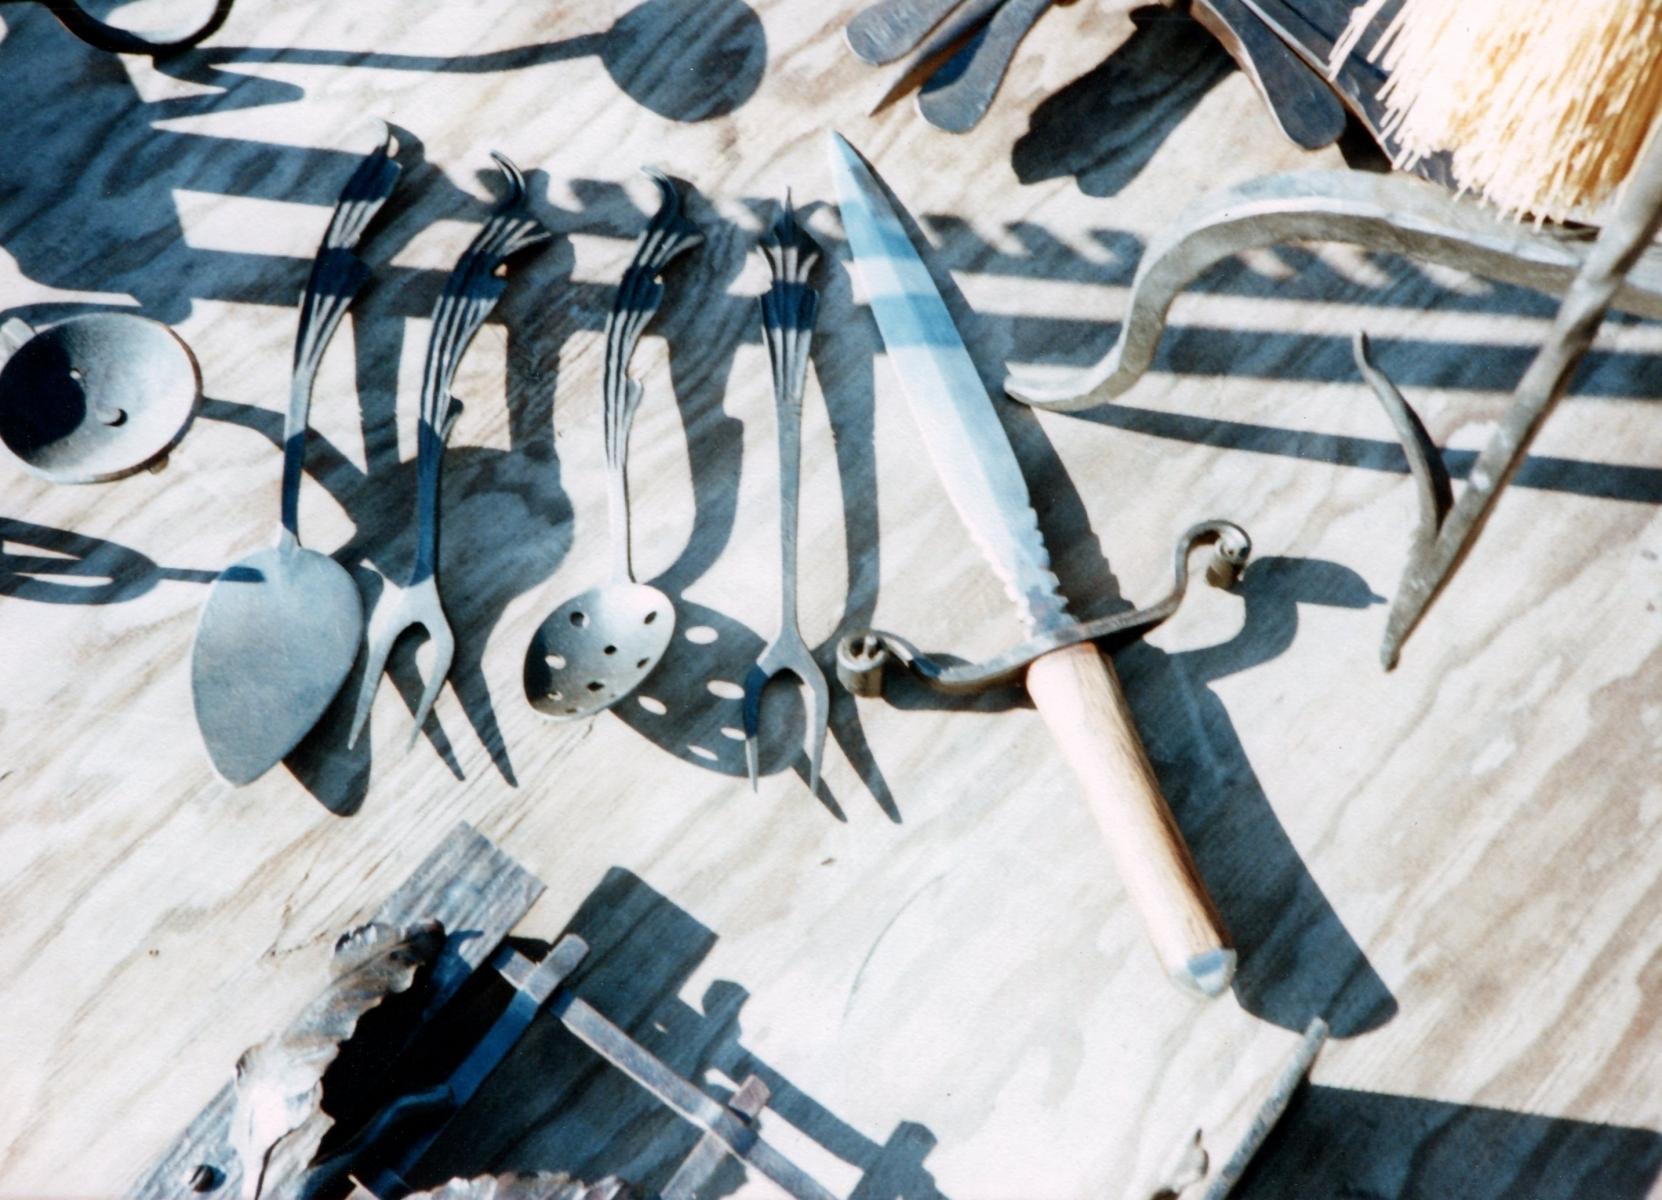 miscknivescutlery0001